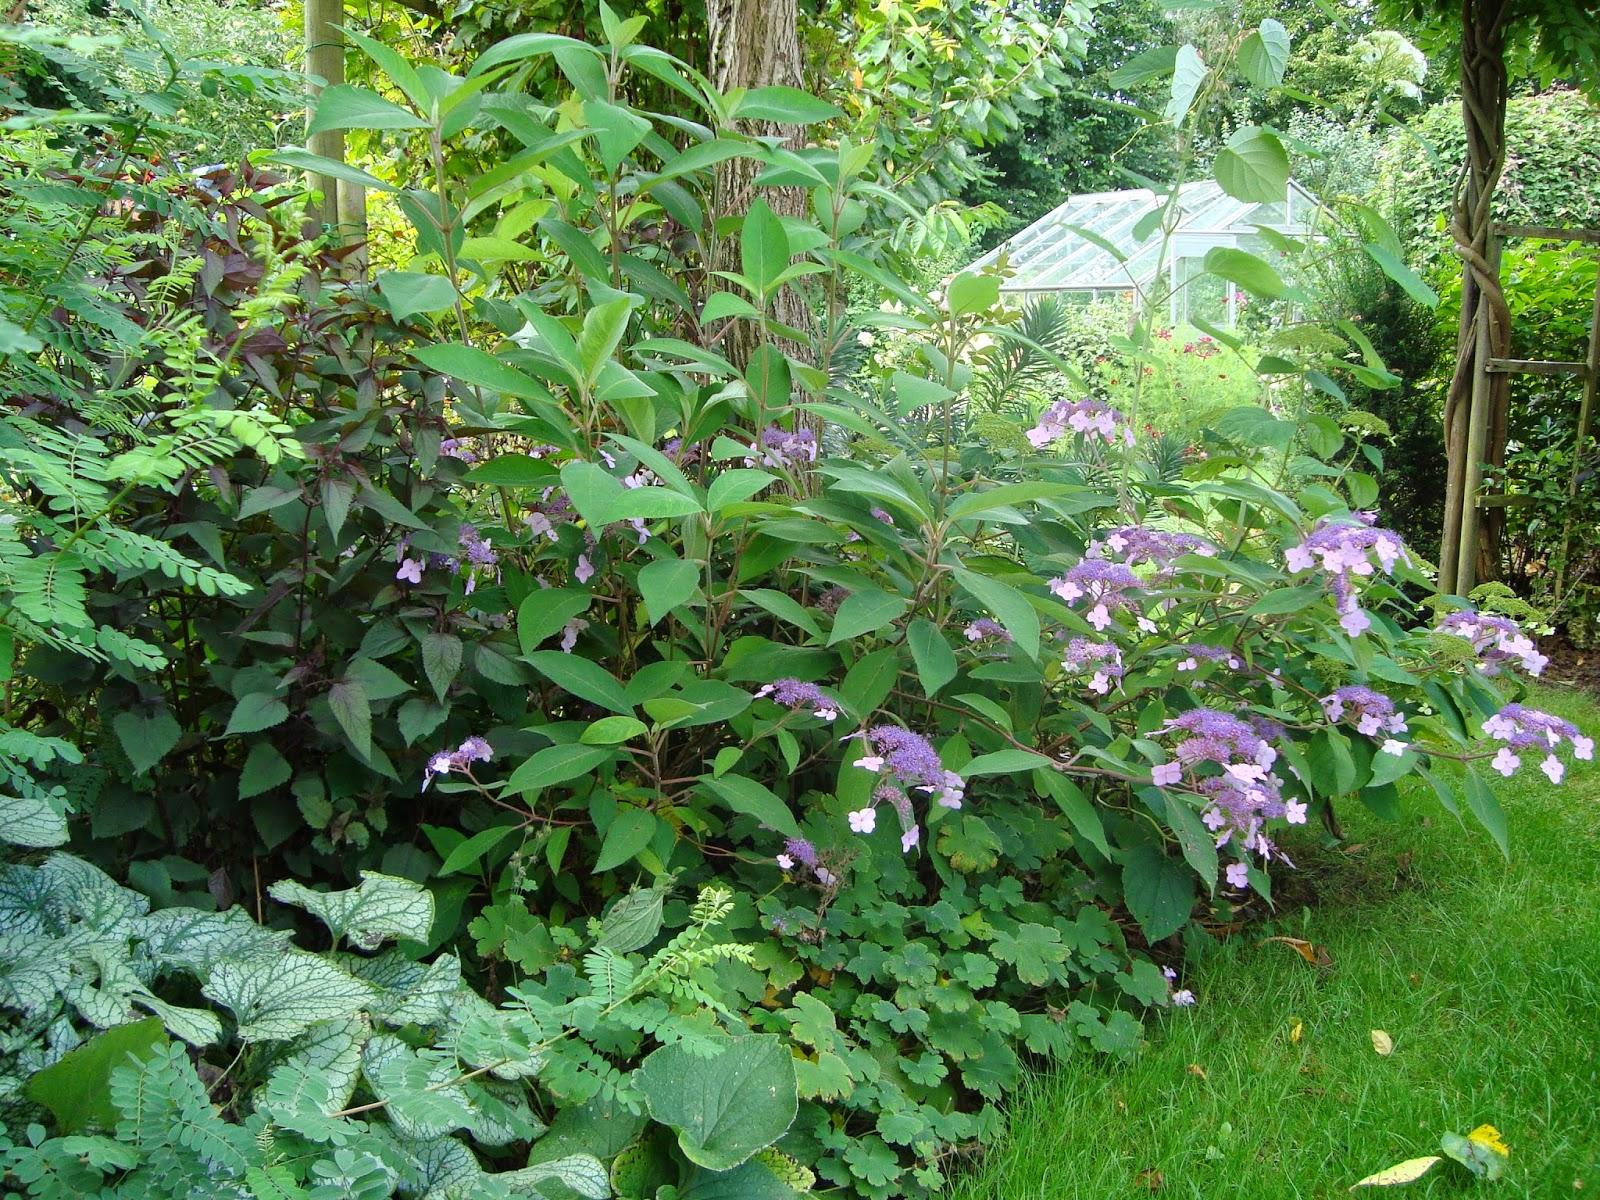 Passionn ment jardin joli coin au jardin for Au coin du jardin montville